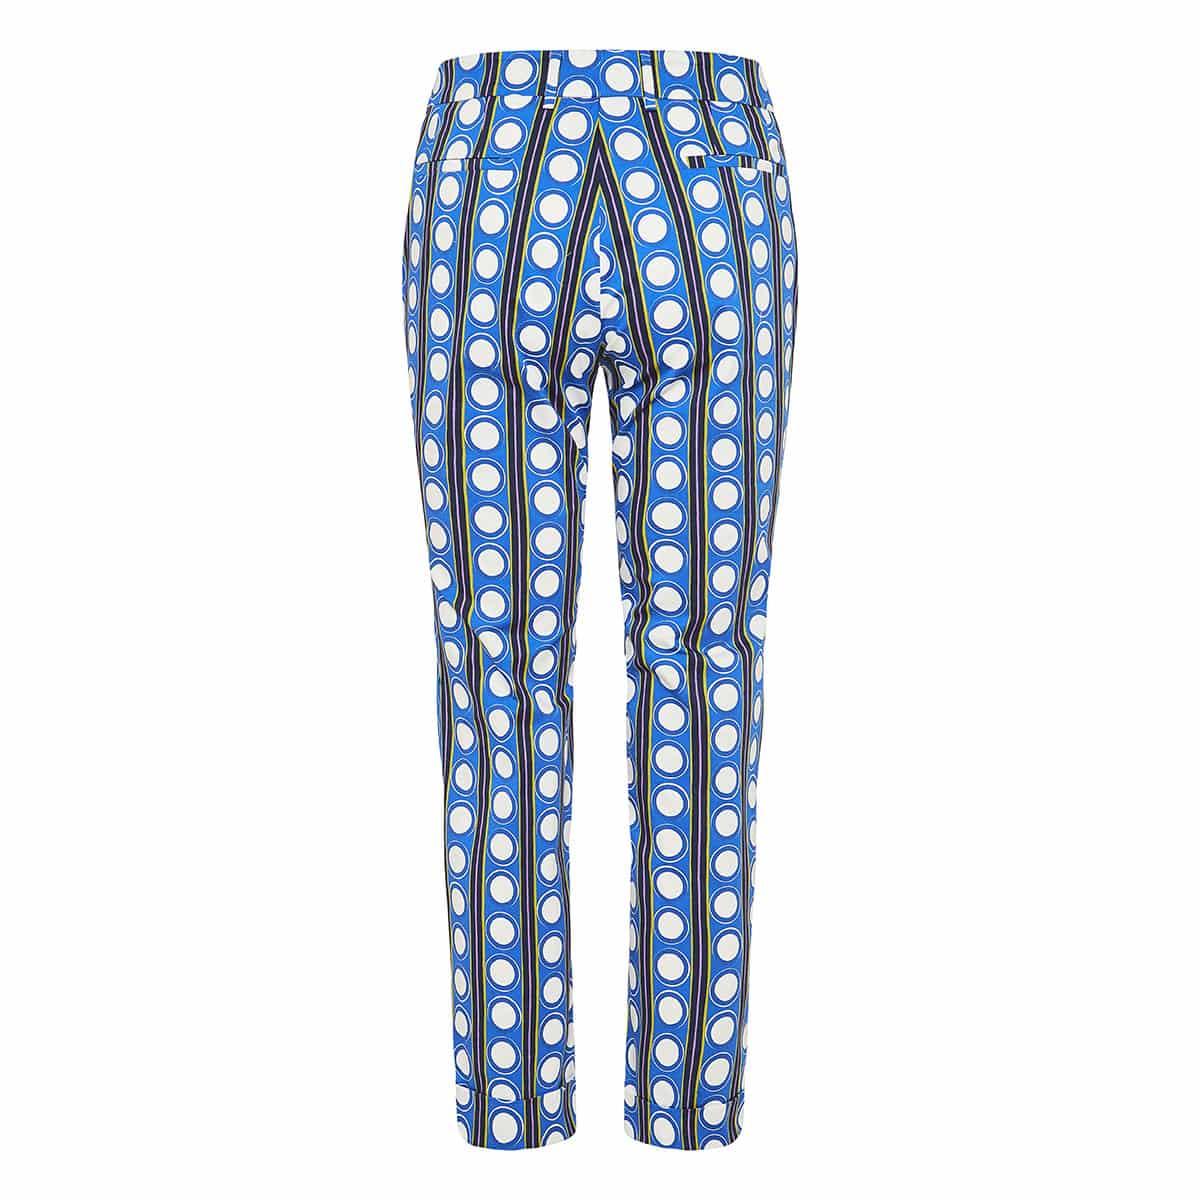 Capri printed cigarette trousers